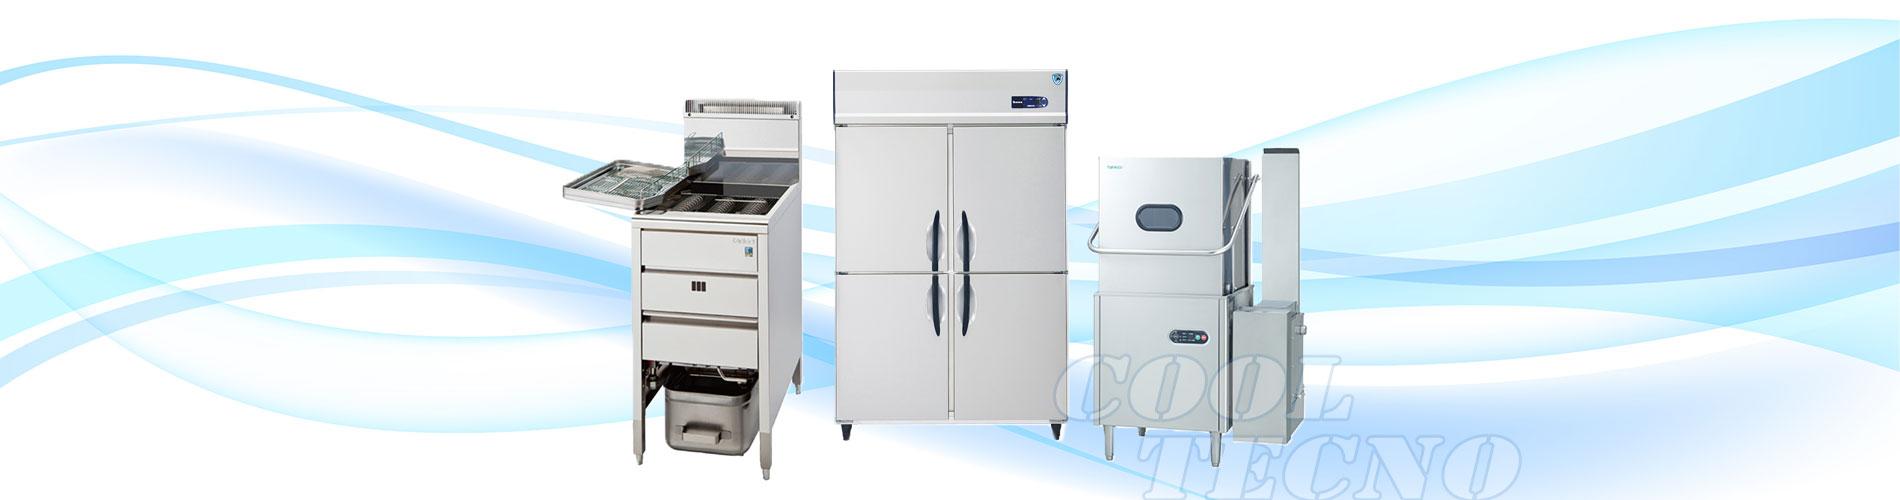 厨房機器のことならクールテクノサービスにお任せ!